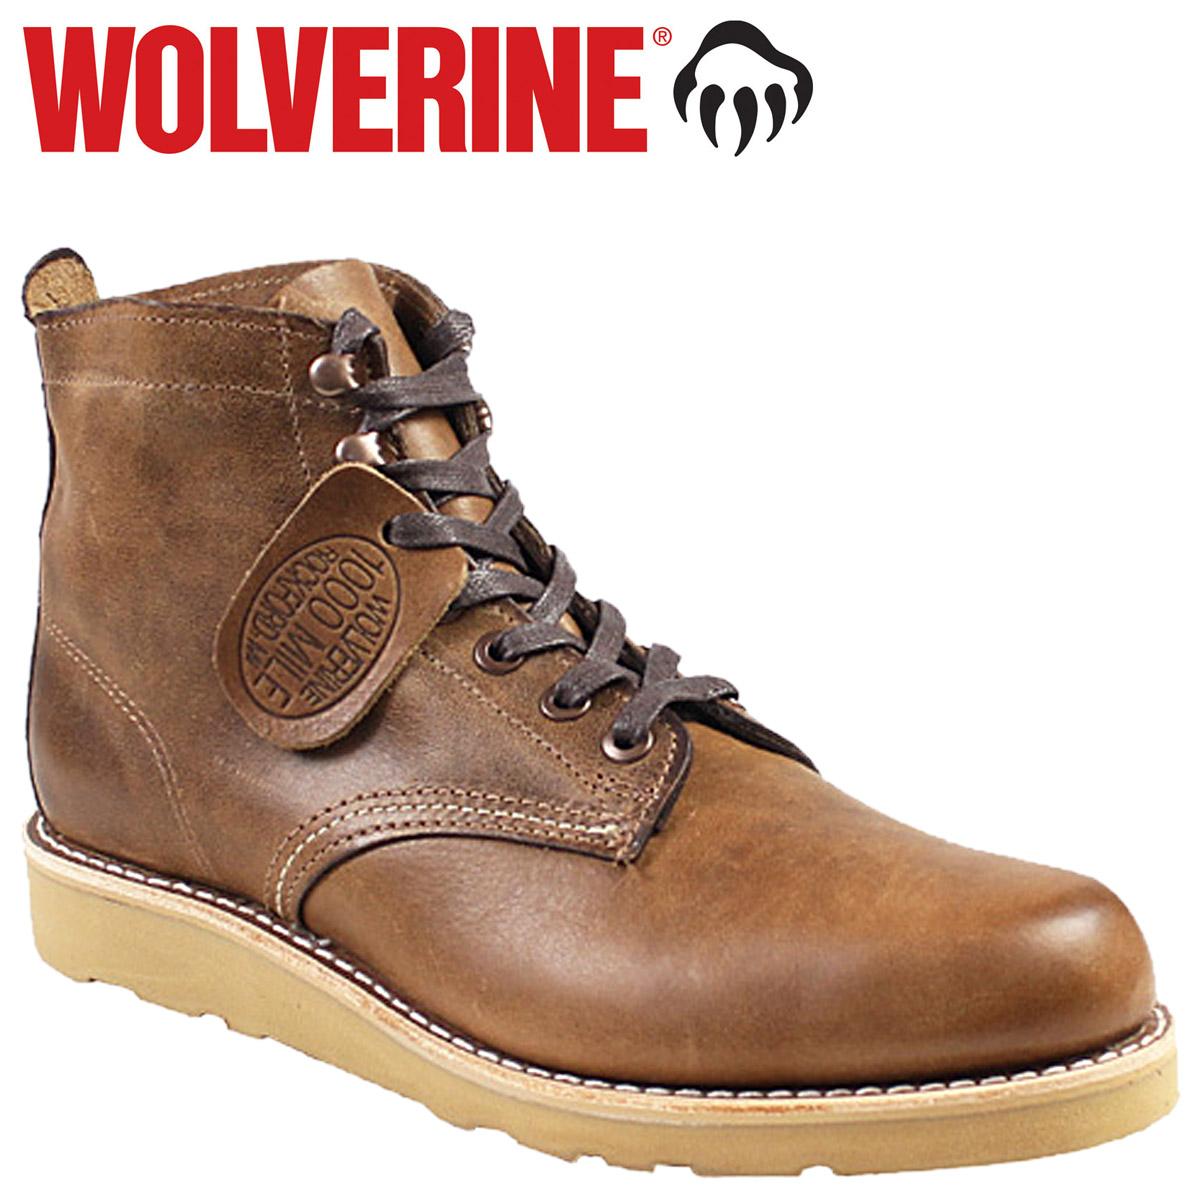 46ad7d4cf69 Glasgow Prestwick Wolverine WOLVERINE 1000 mile W00915 Brown Wolverine,  leather men's work boots, wedge boots PRESTWICK 1000 MILE WEDGE BOOT D wise  ...